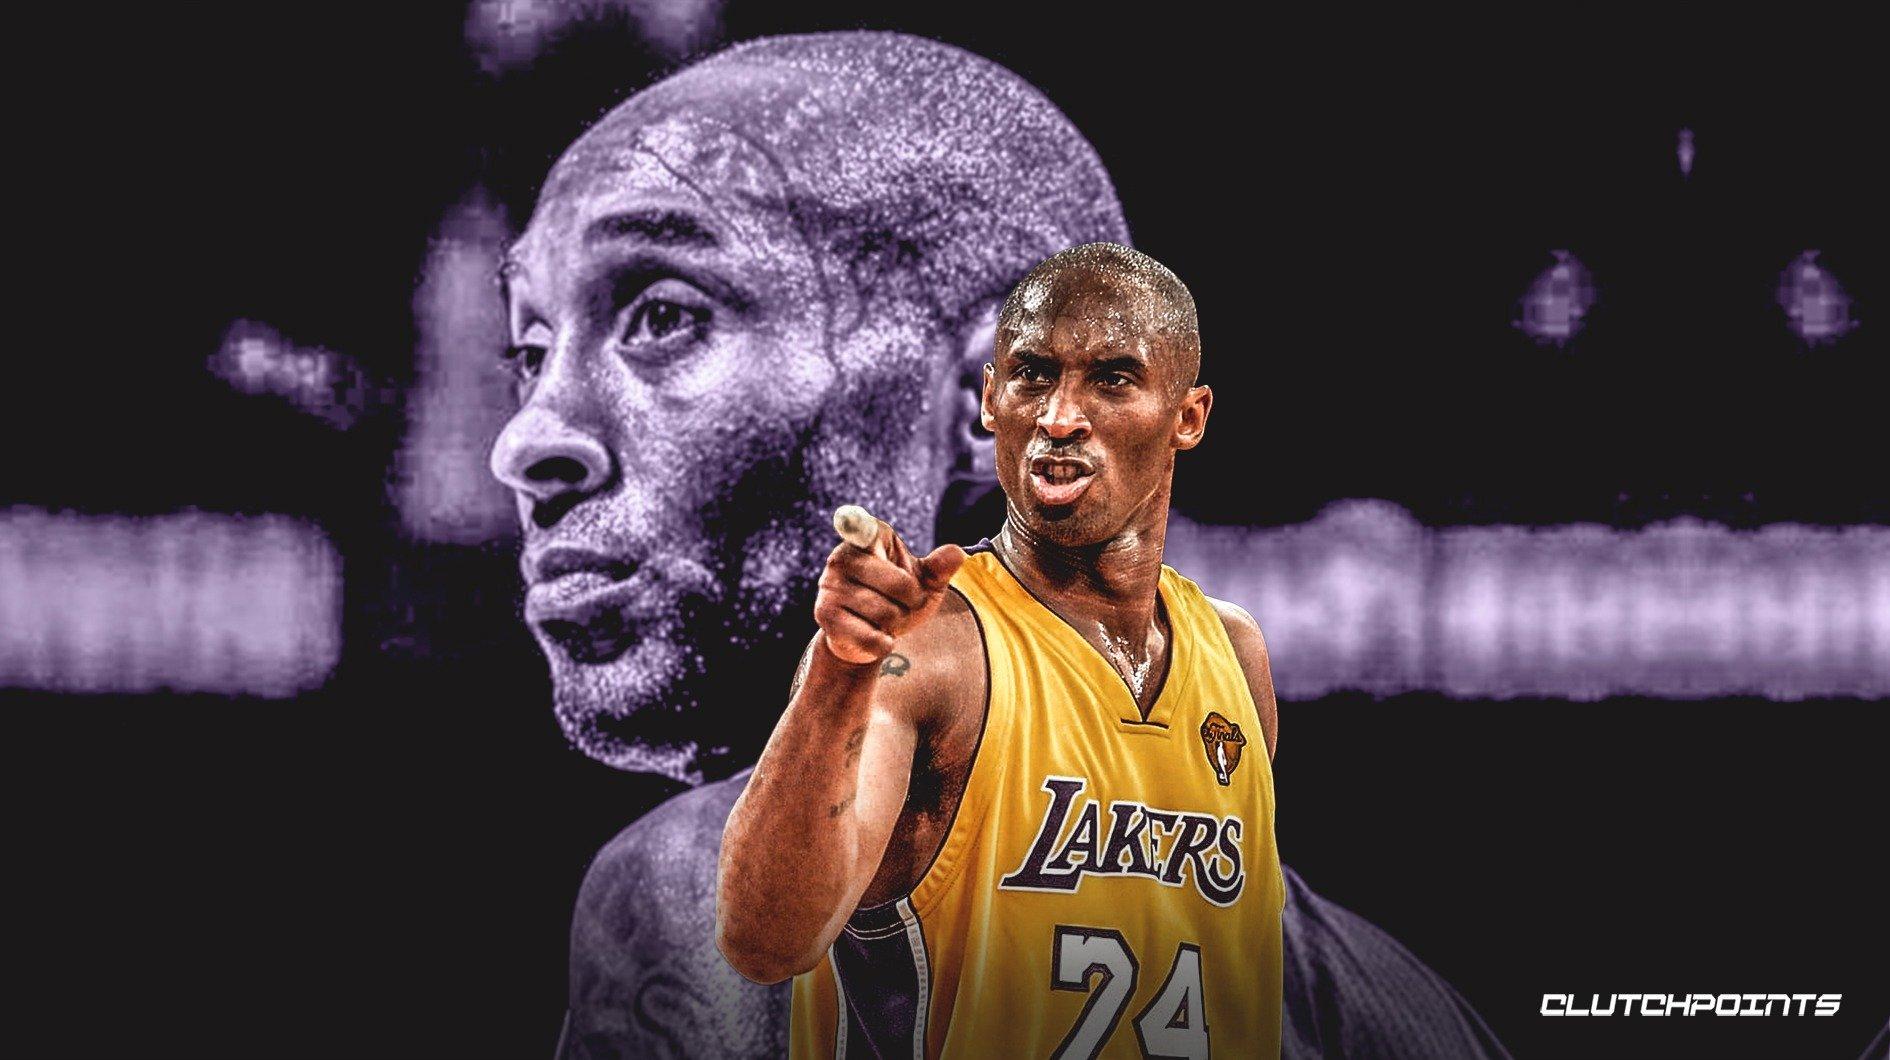 NBA 2K20 decidió homenajear a Kobe Bryant con un emotivo video y una carta especial para los jugadores